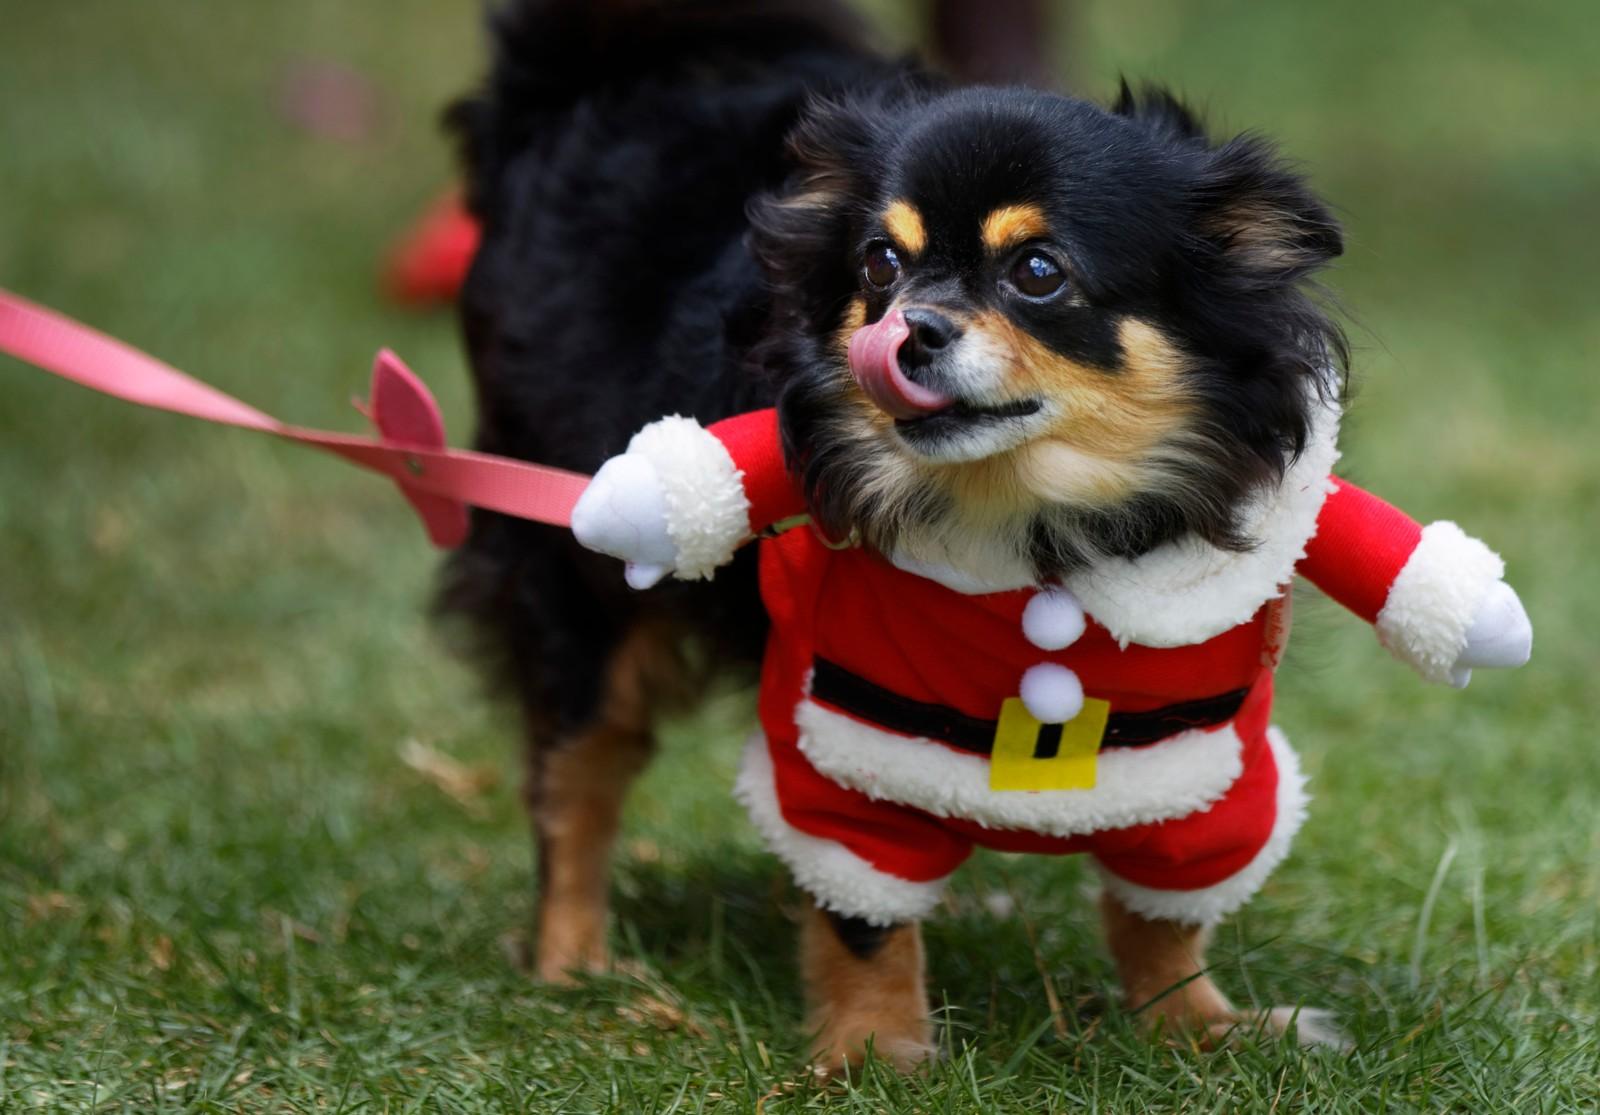 """Chica, en seks år gammel chihuahua, har juleantrekket klart. Hun er med på en utstilling i Nairobi i Kenya. En av kategoriene hundene konkurrerer i er """"flottest kledd""""."""